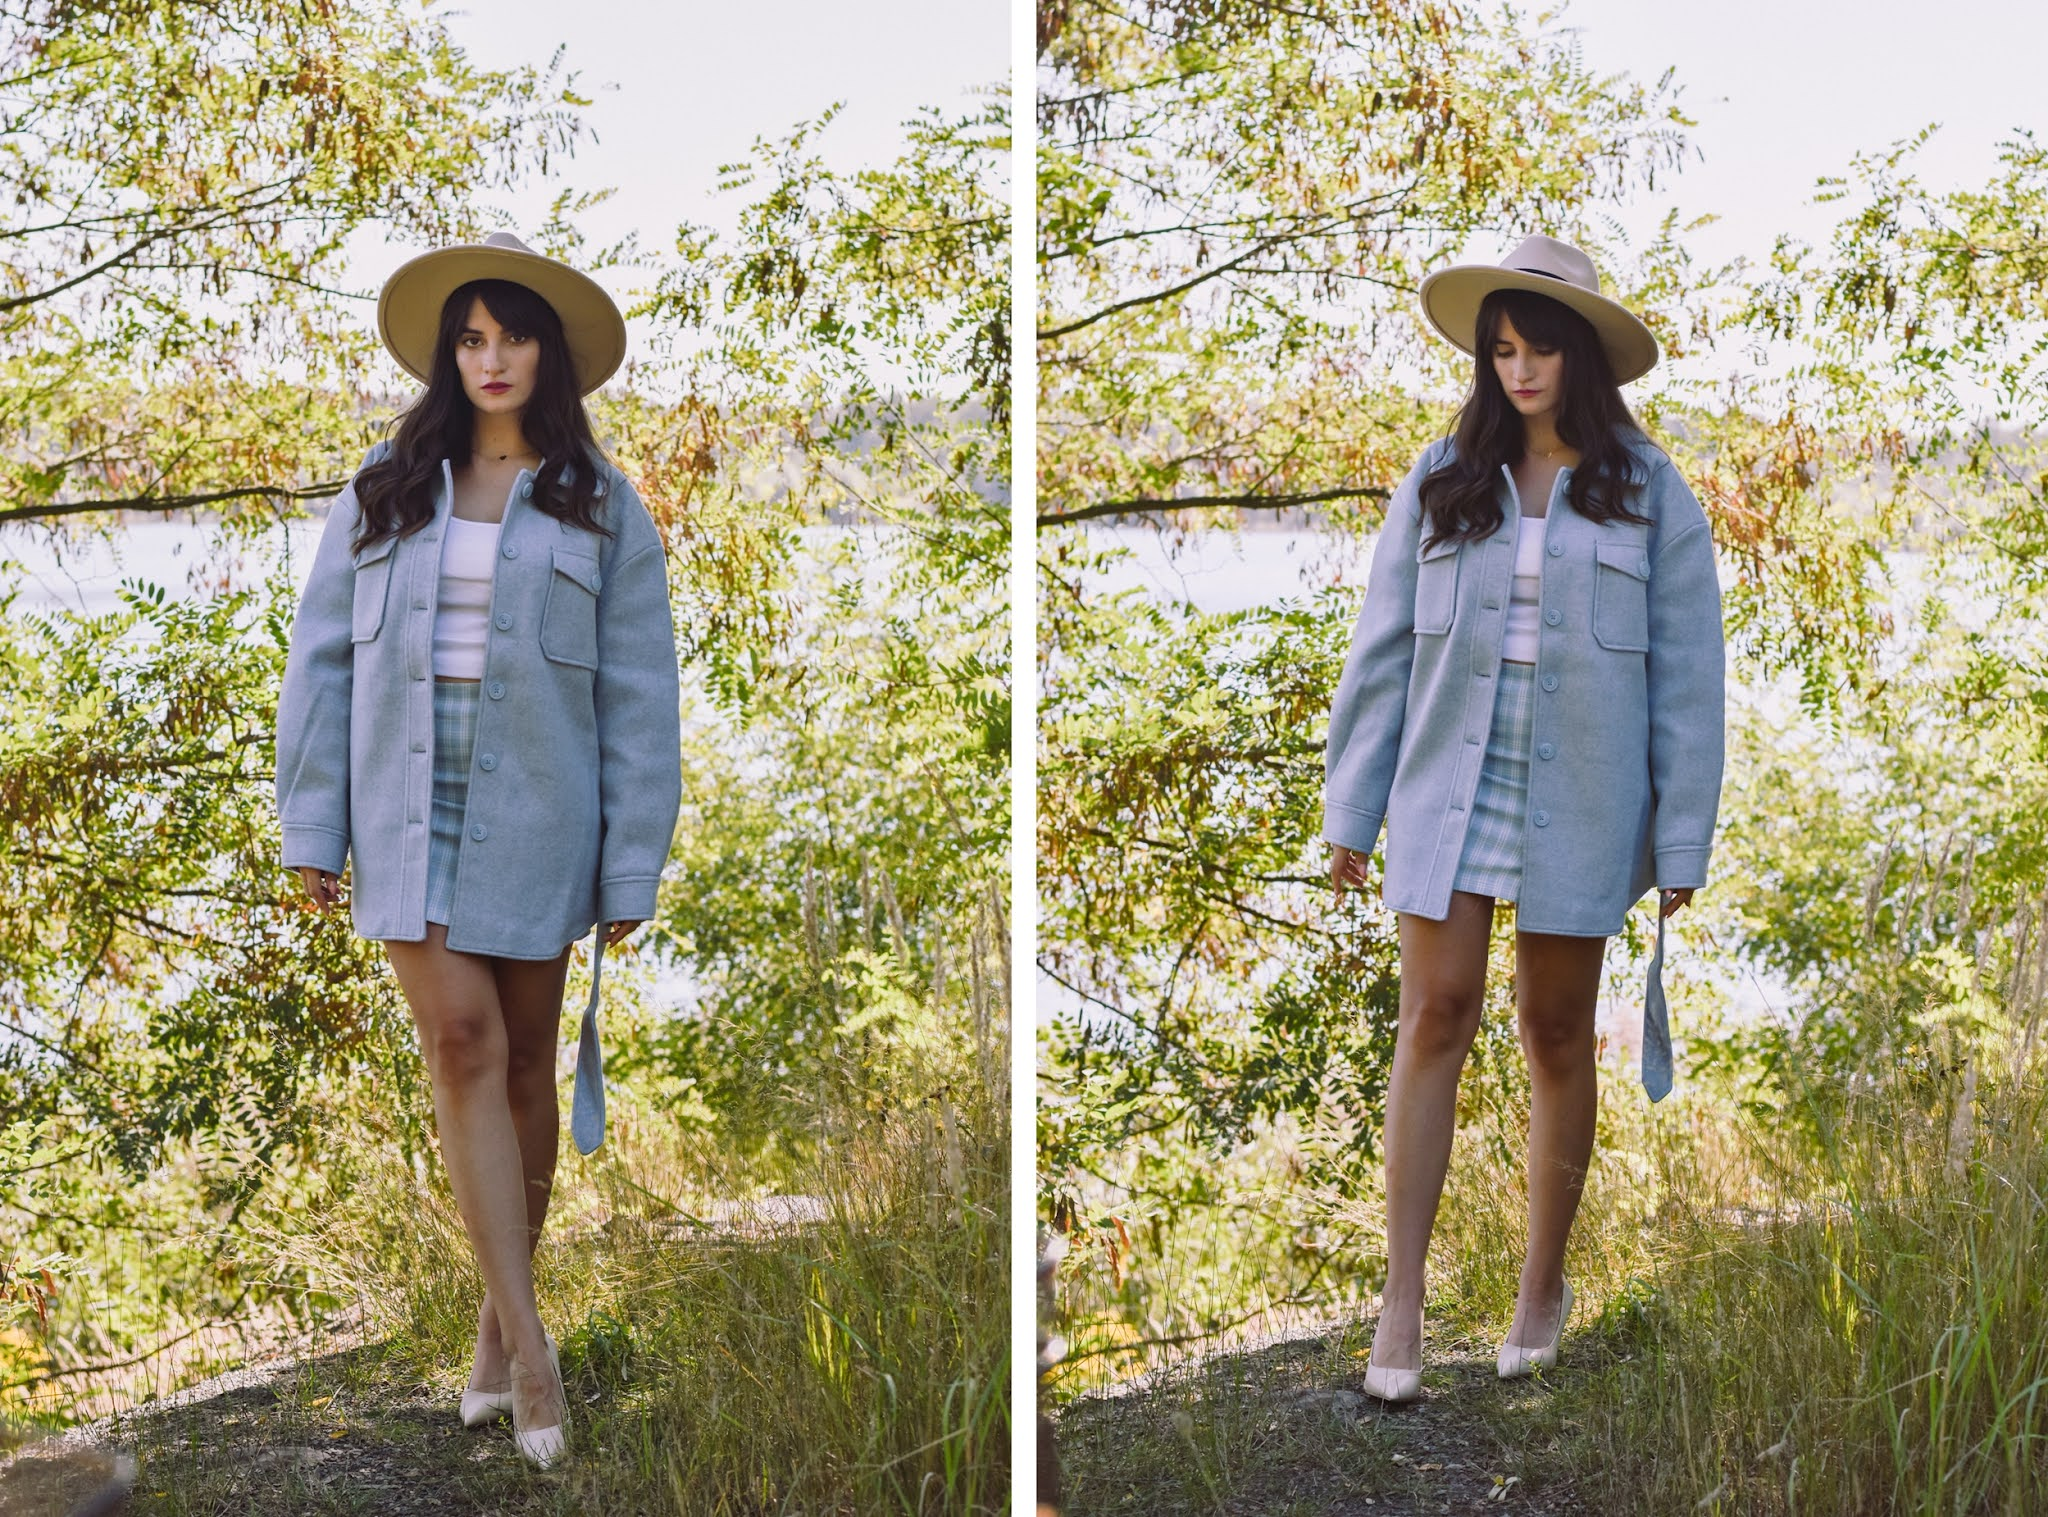 kurtka koszulowa damska jak nosić - pomysł na stylizacje